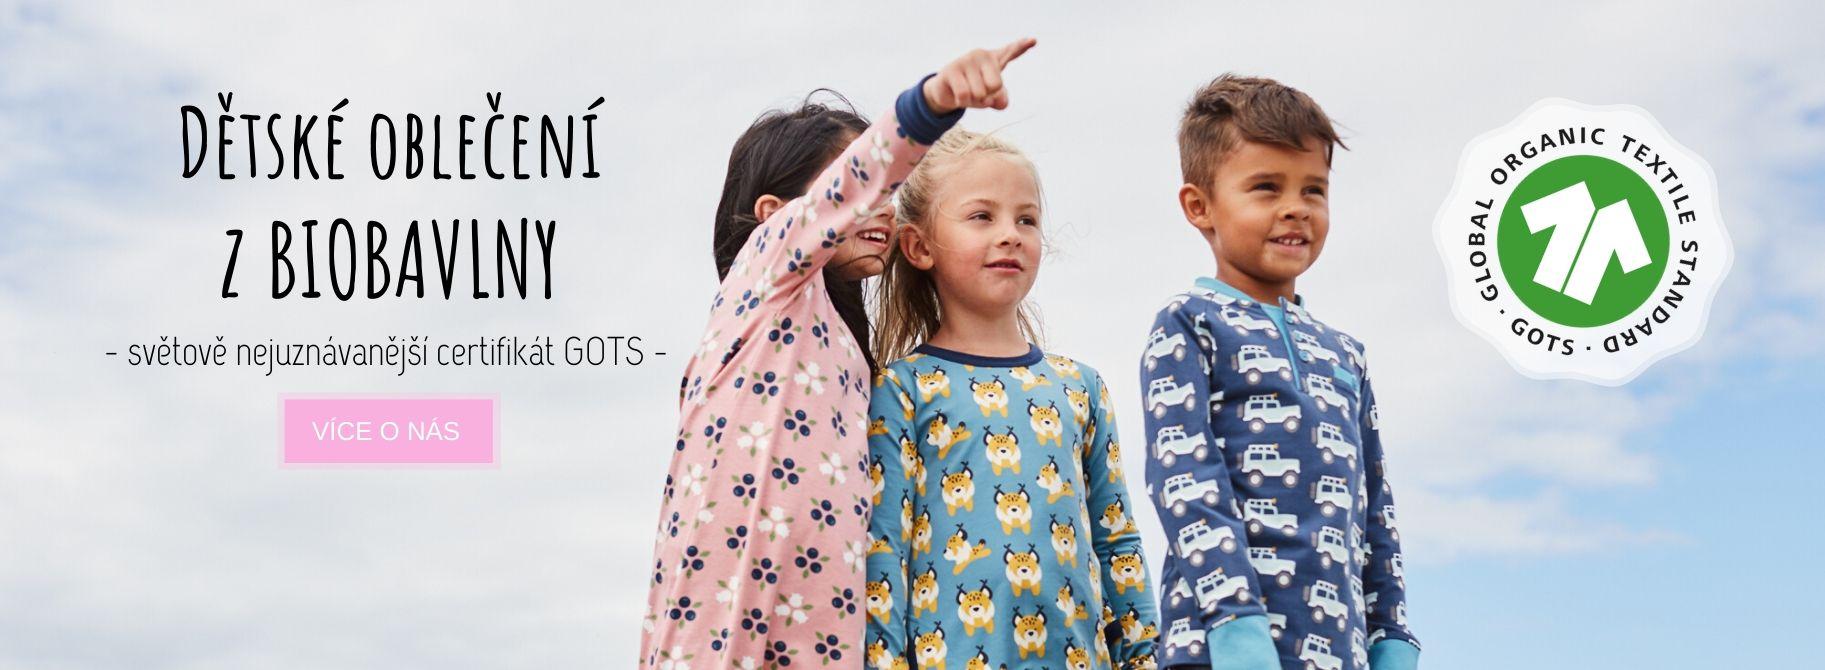 Dětské a kojenecké oblečení z biobavlny